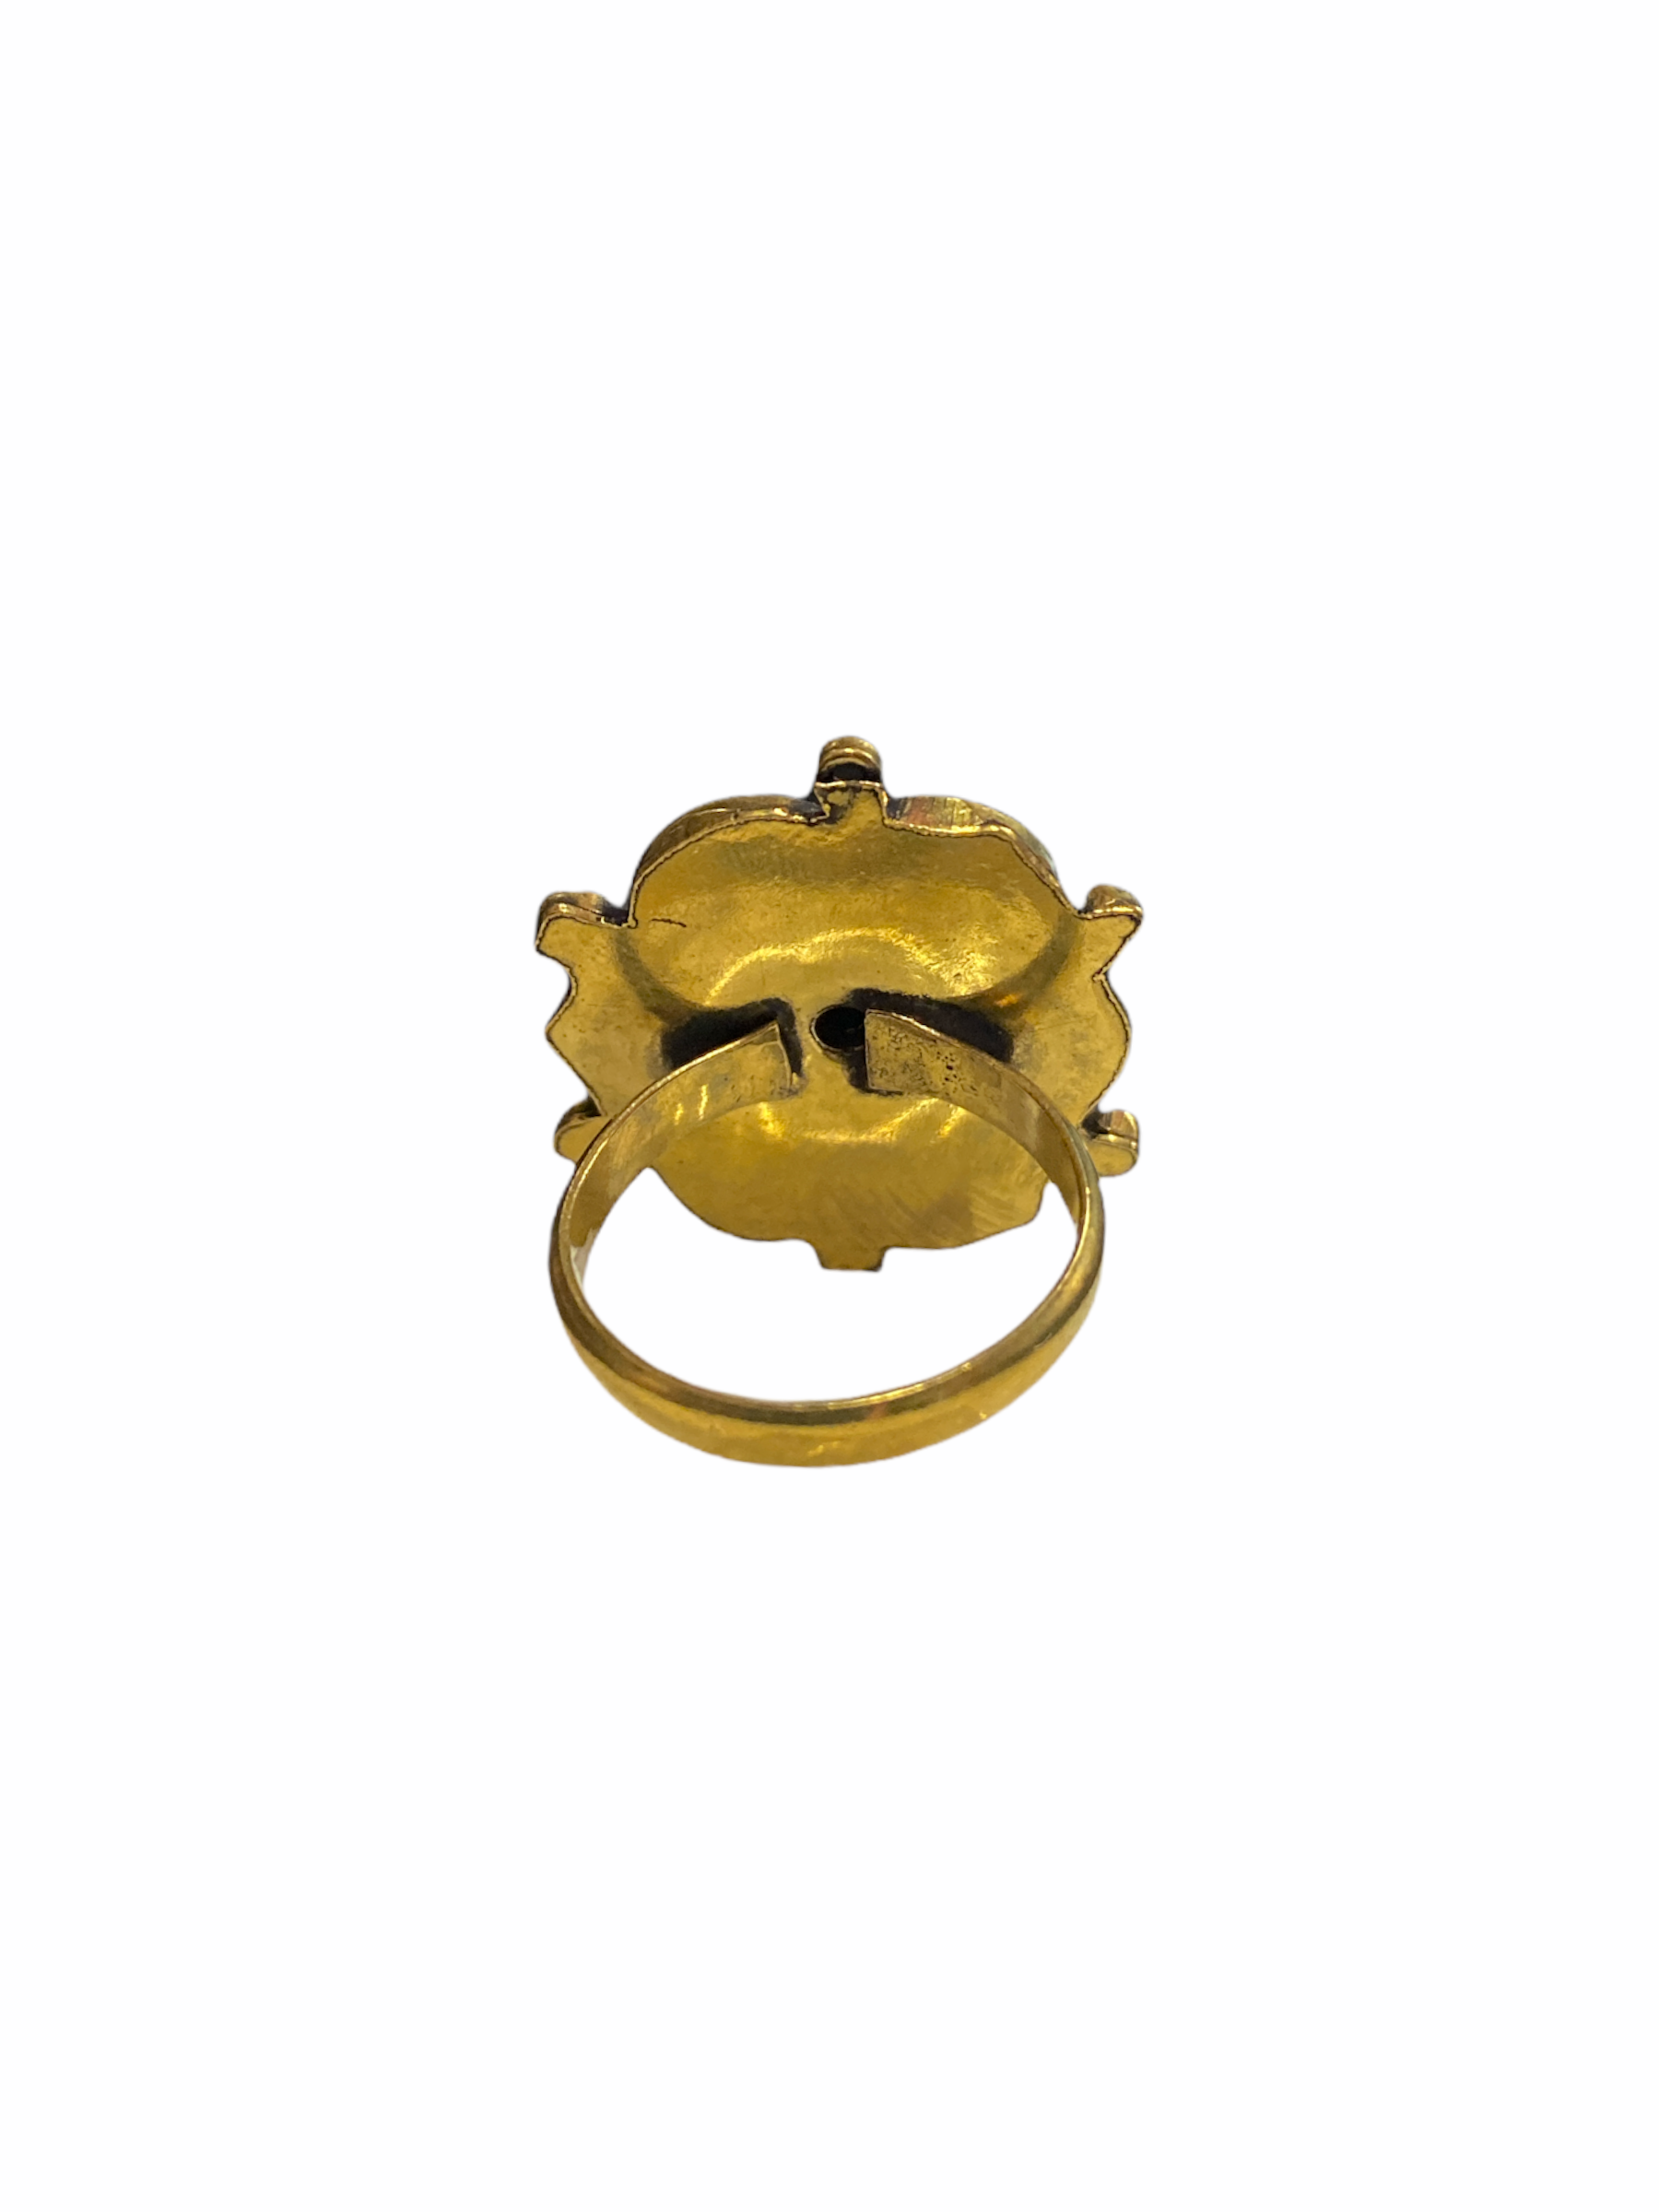 Δαχτυλίδι Χειροποίητο Με Οψιδιανό Σε Χρυσό Χρώμα